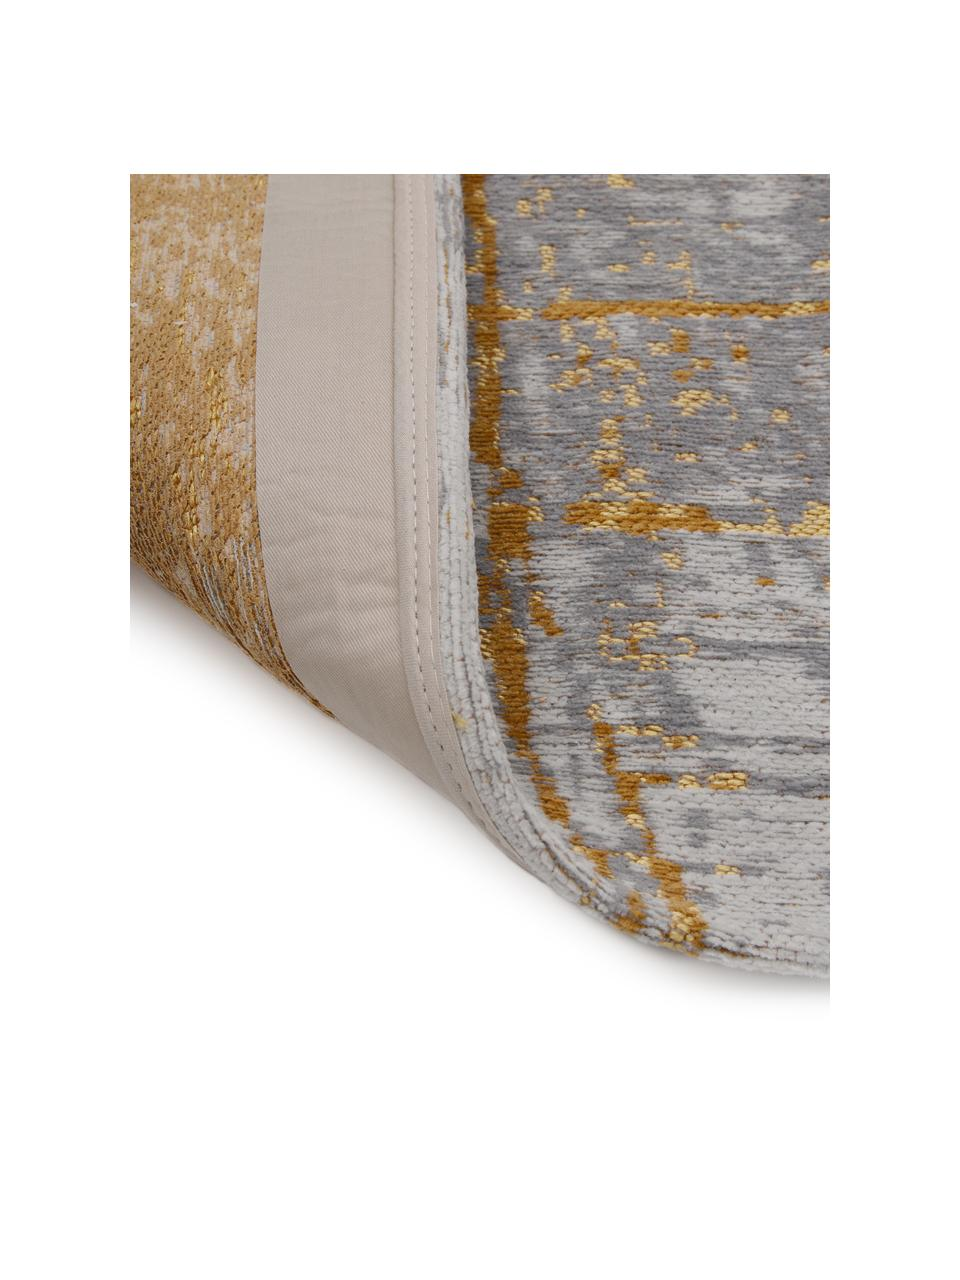 Dywan w stylu vinateg Griff, Szary, odcienie złotego, biały, S 170 x D 240 cm (Rozmiar M)